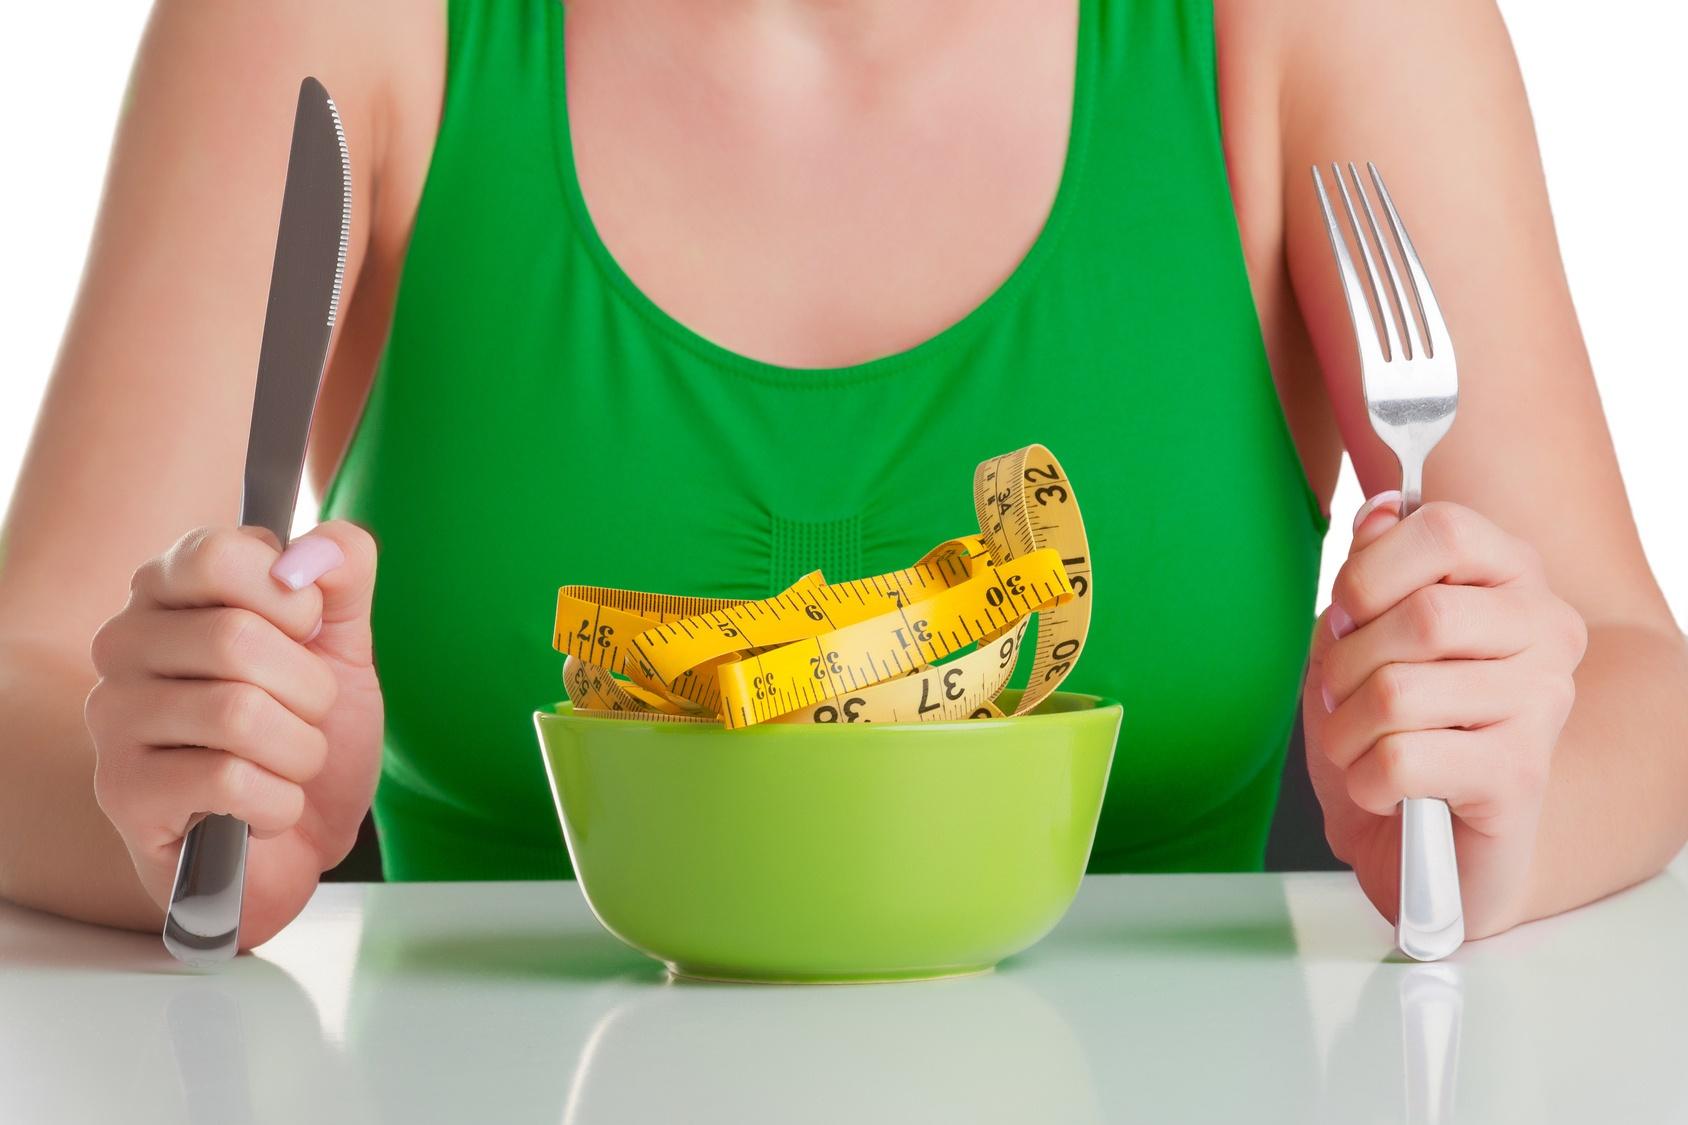 Bir ayda kilolarınızı ne kadar kaybedersiniz